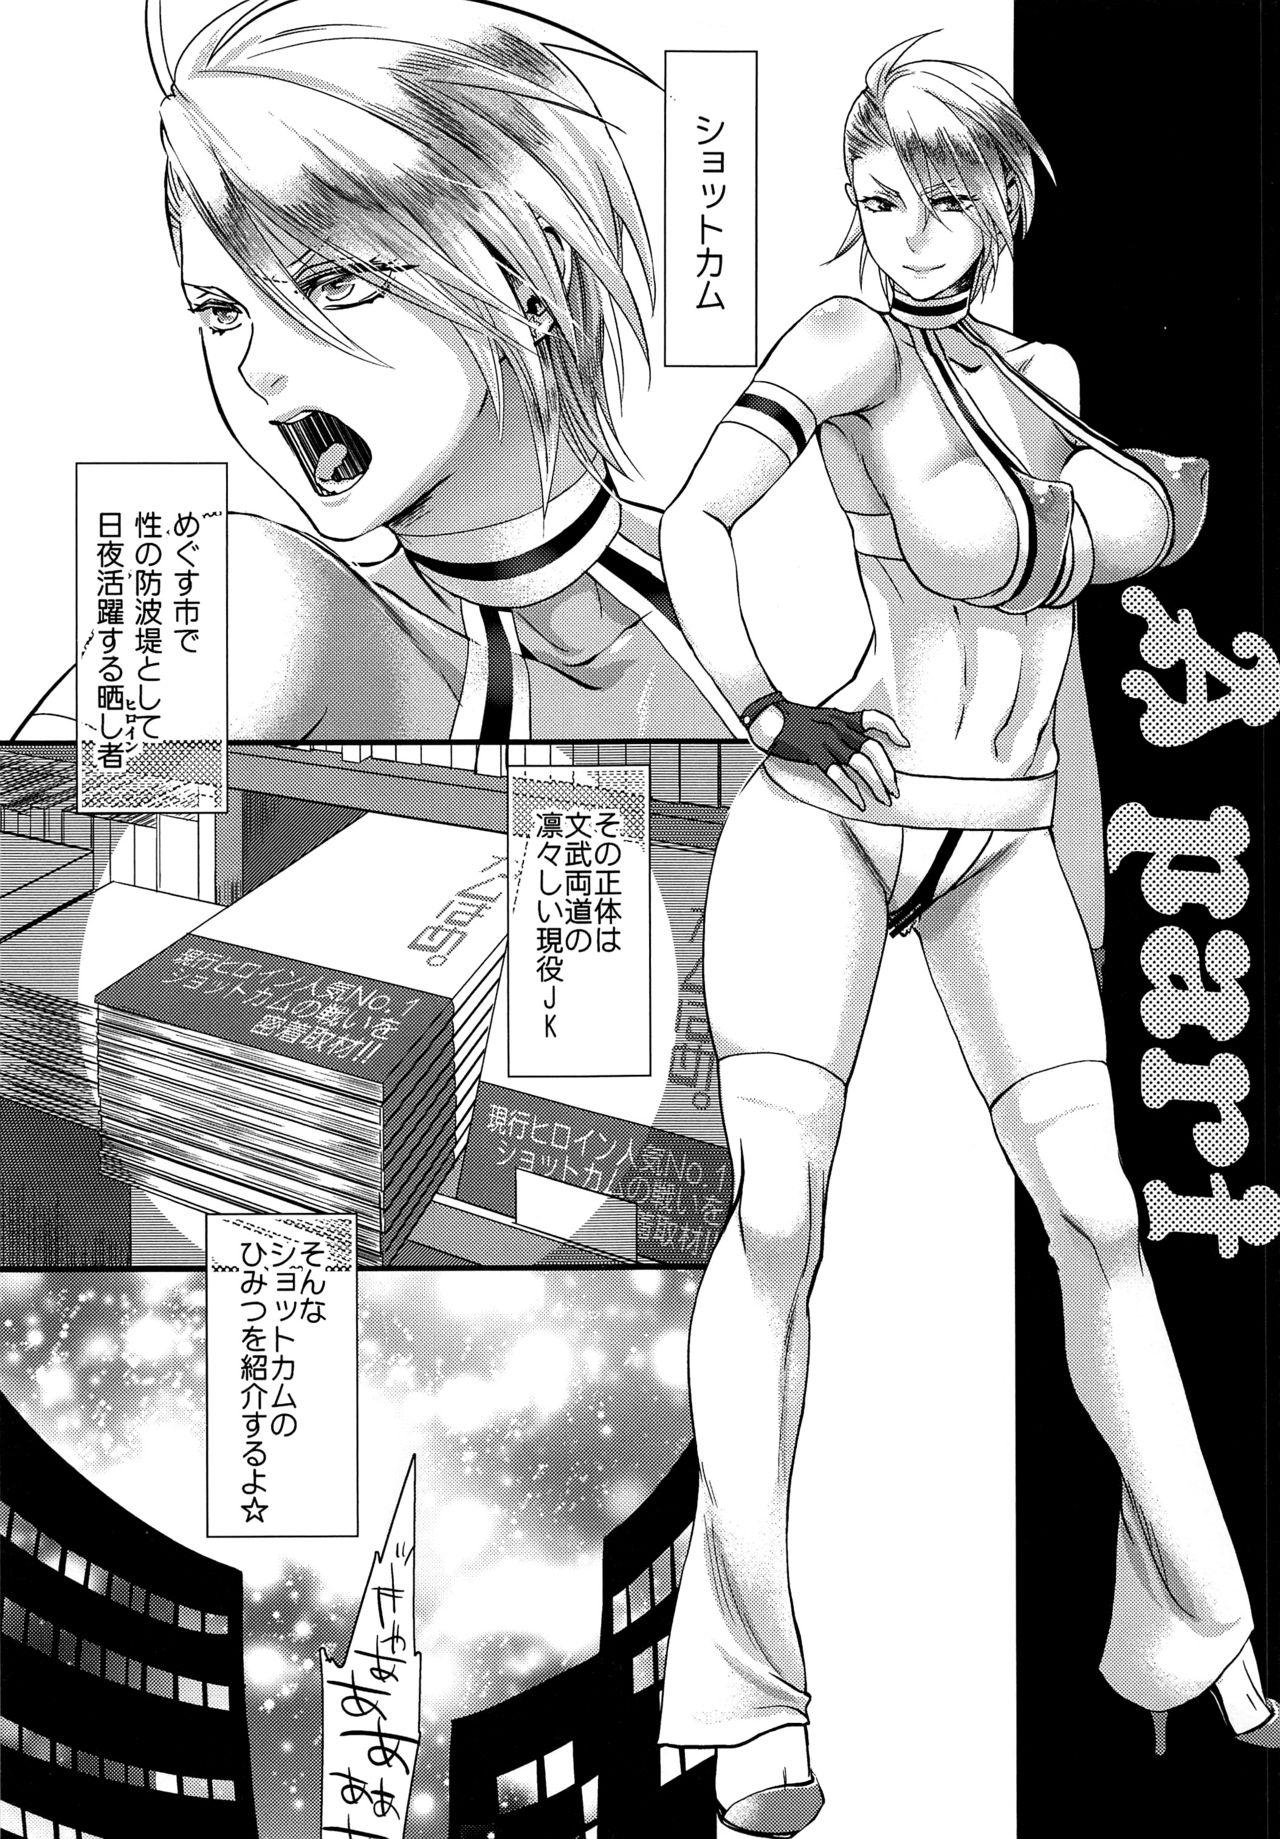 【エロ漫画・エロ同人】巨乳ヒロインが性獣と戦ってソッコー犯されてるwレイプされてるのを配信されて種付けセックスされちゃったwww (4)